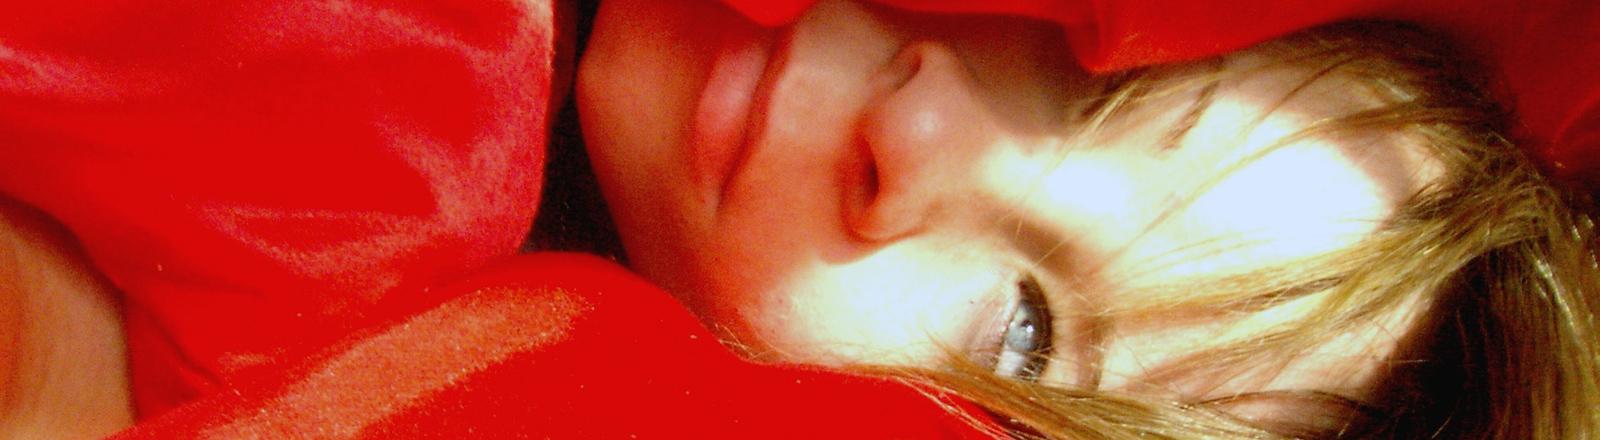 Eine Frau blinzelt unter ihrer roten Bettdecke hervor.